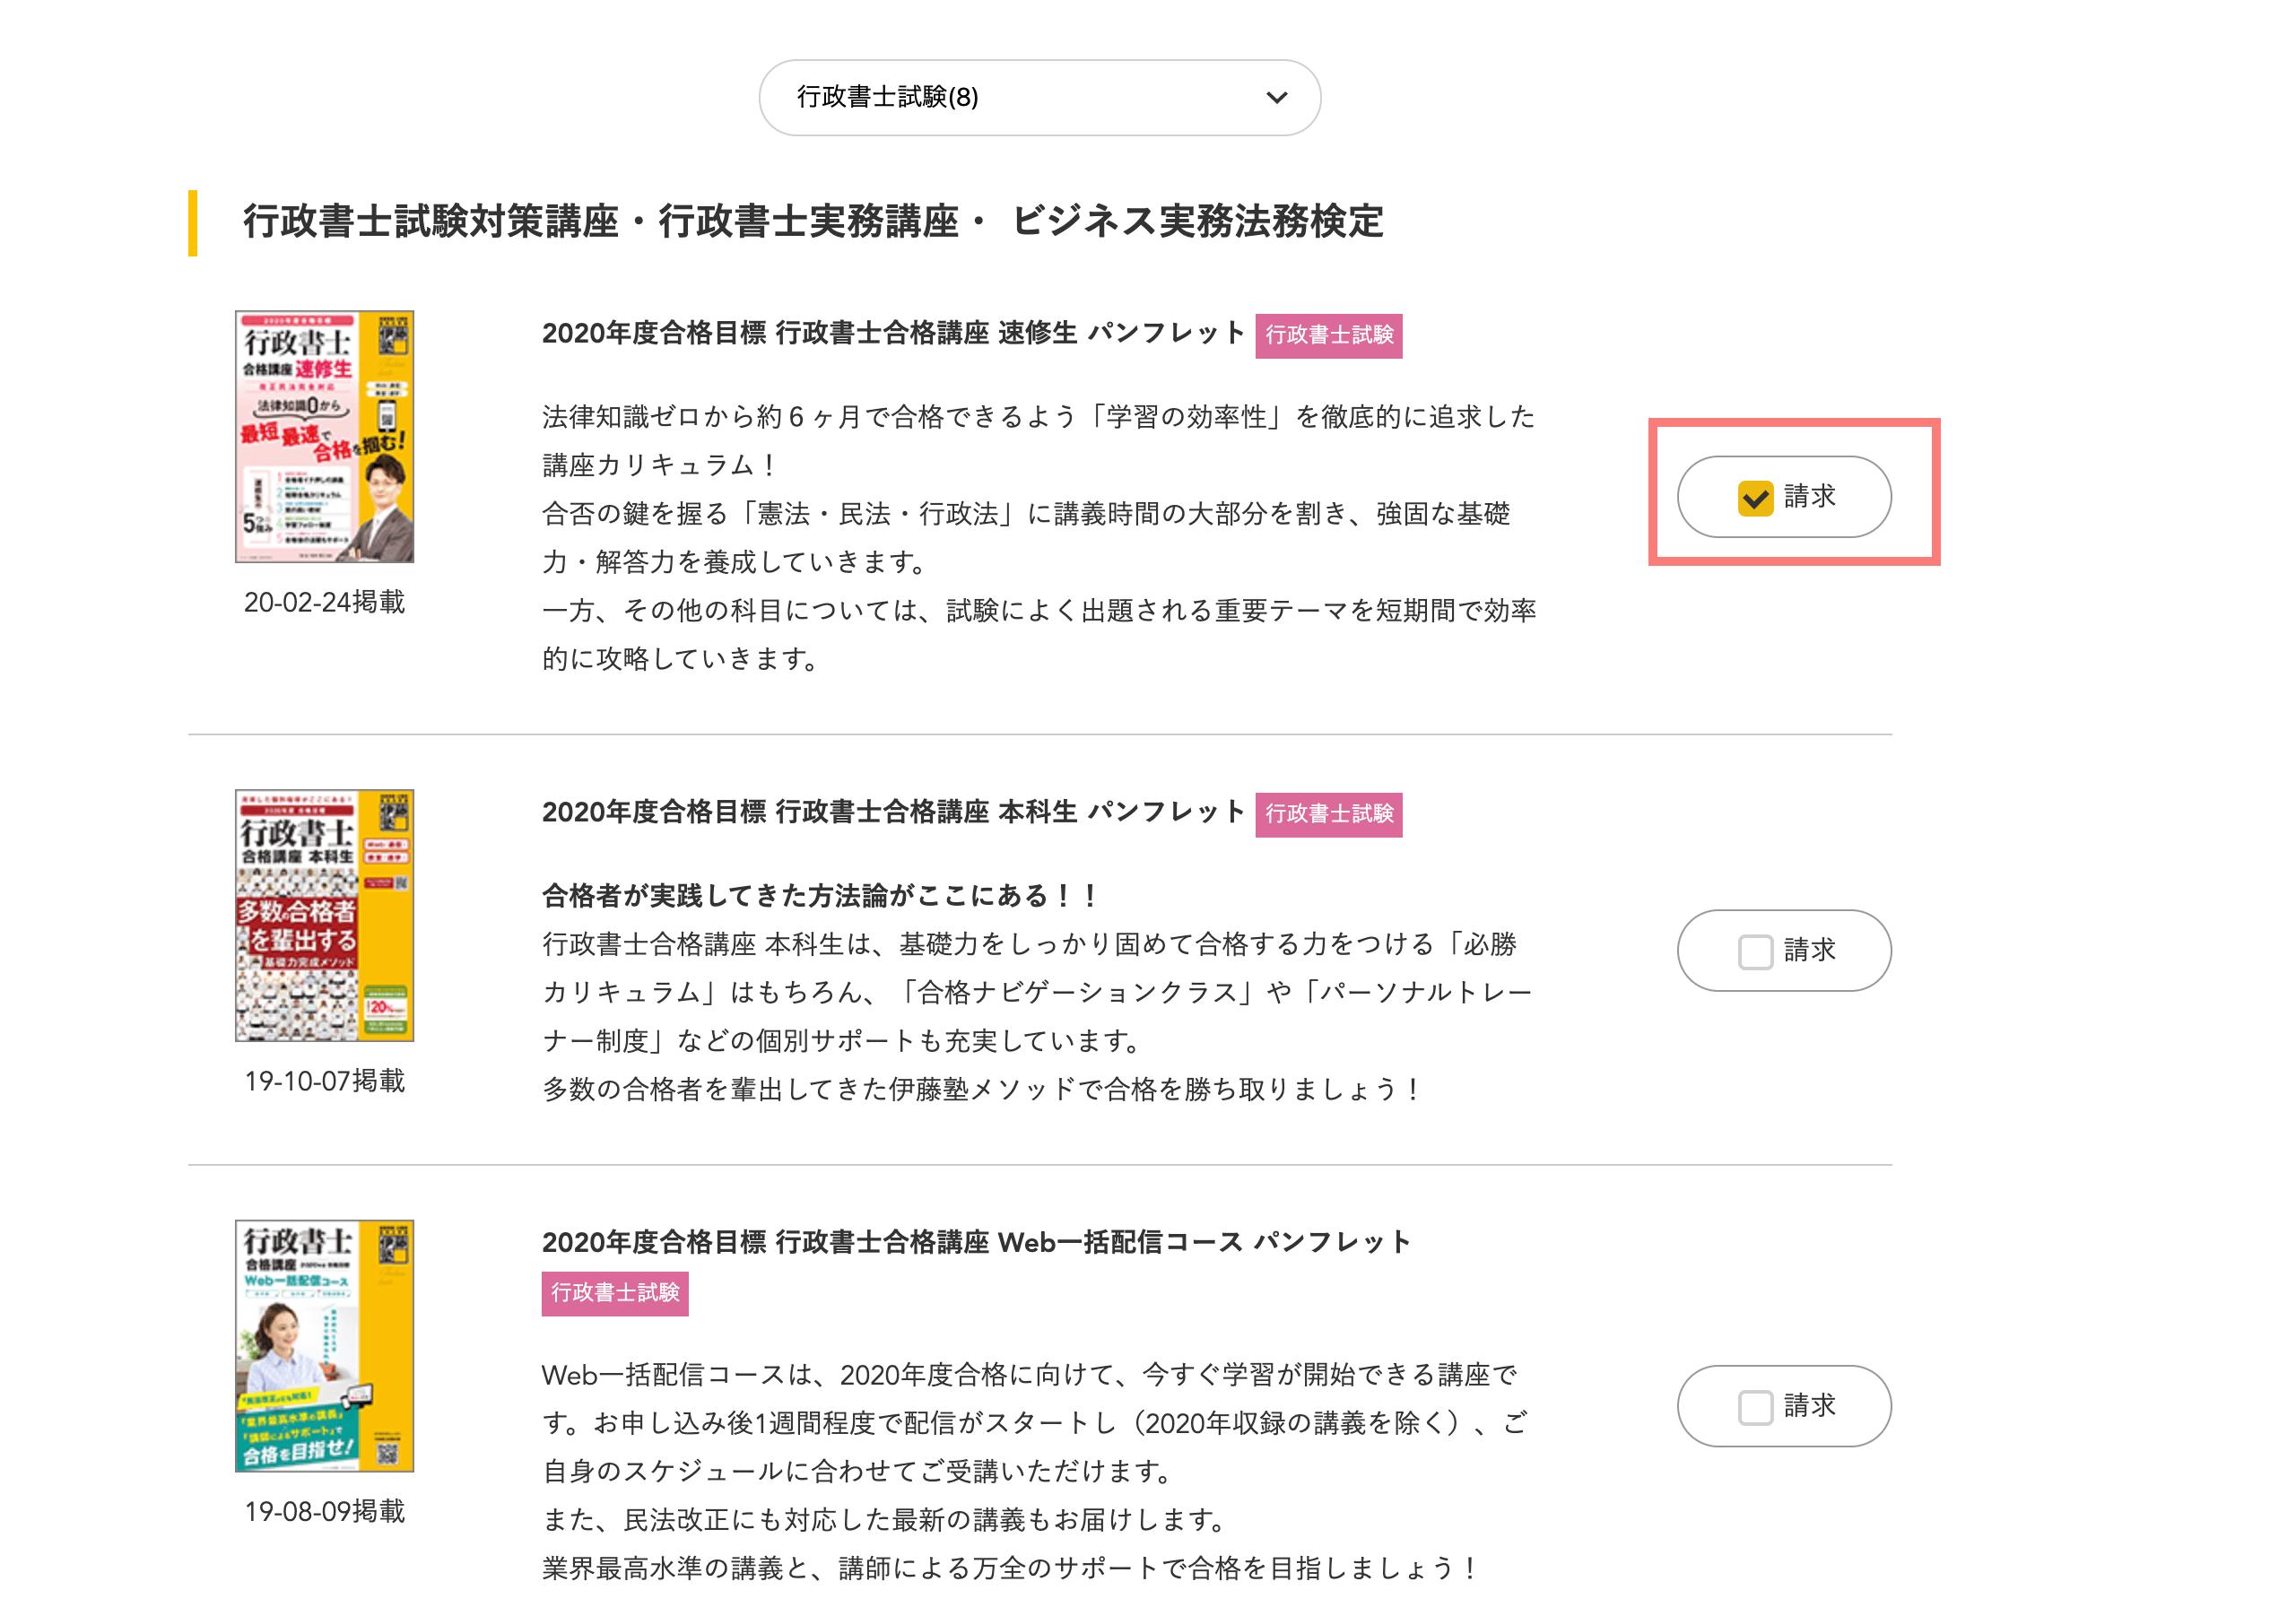 伊藤塾 資料